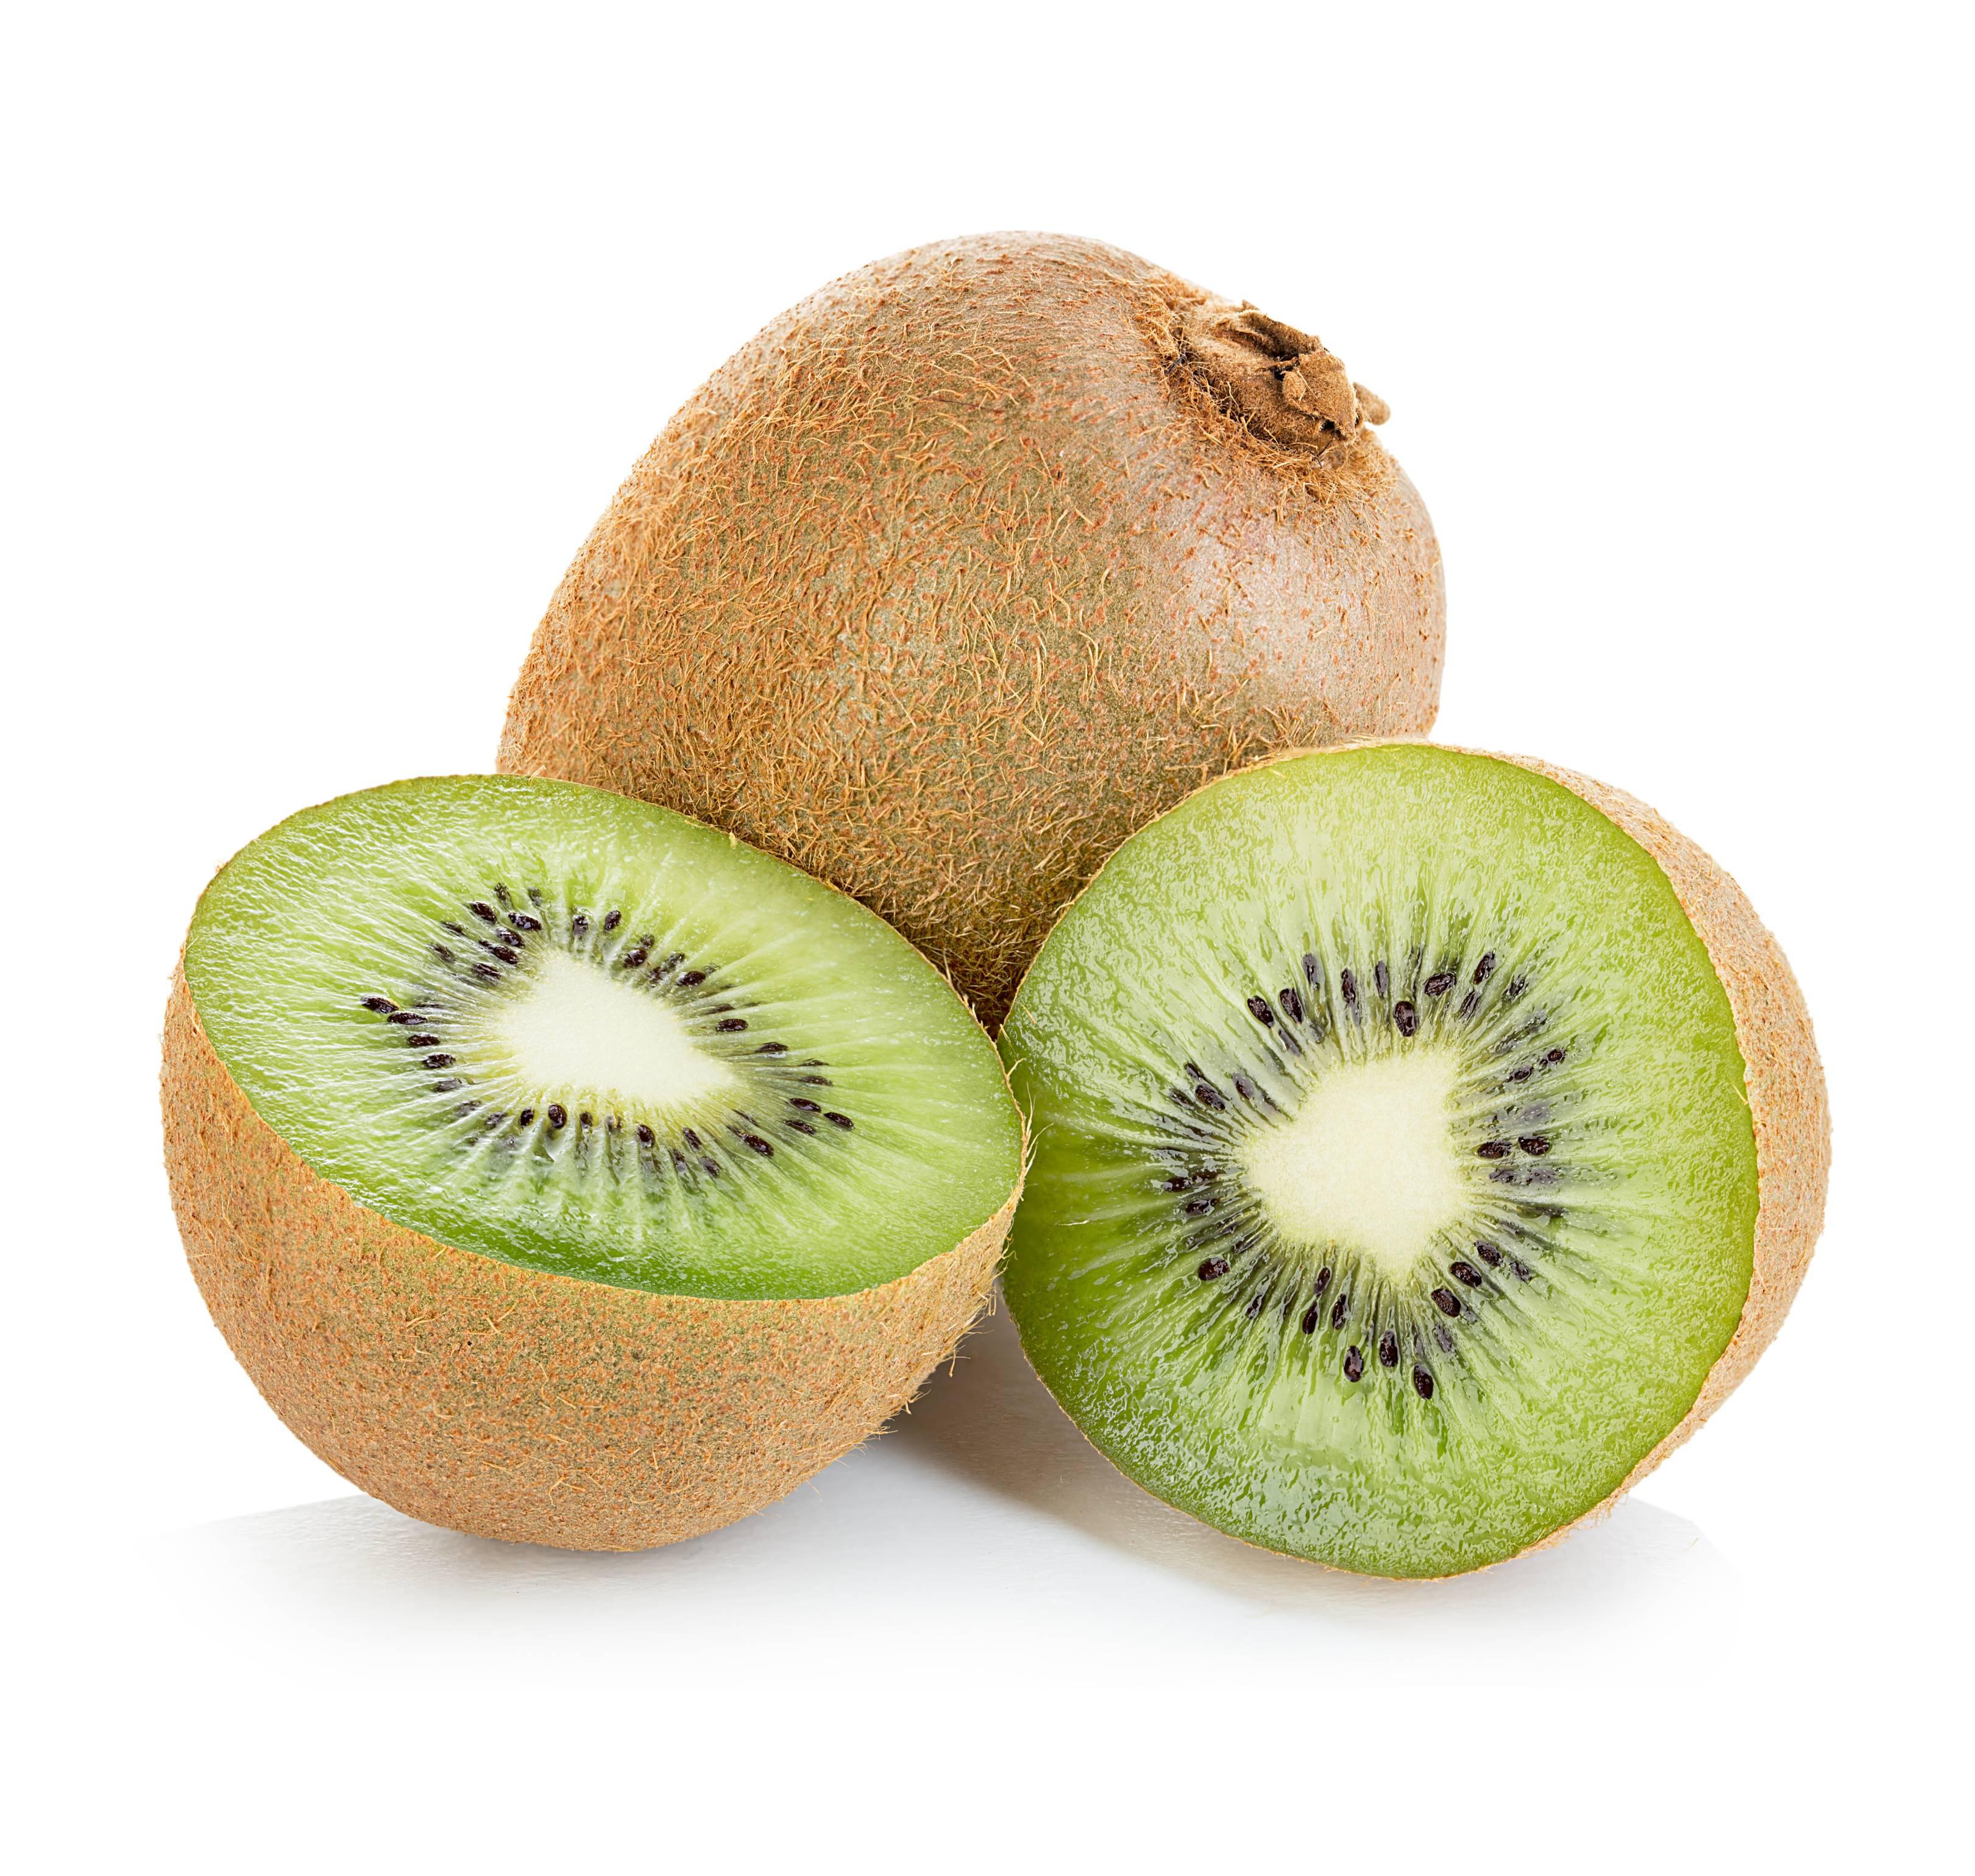 La Dieta Del Kiwi, Come Dimagrire in 7 Giorni